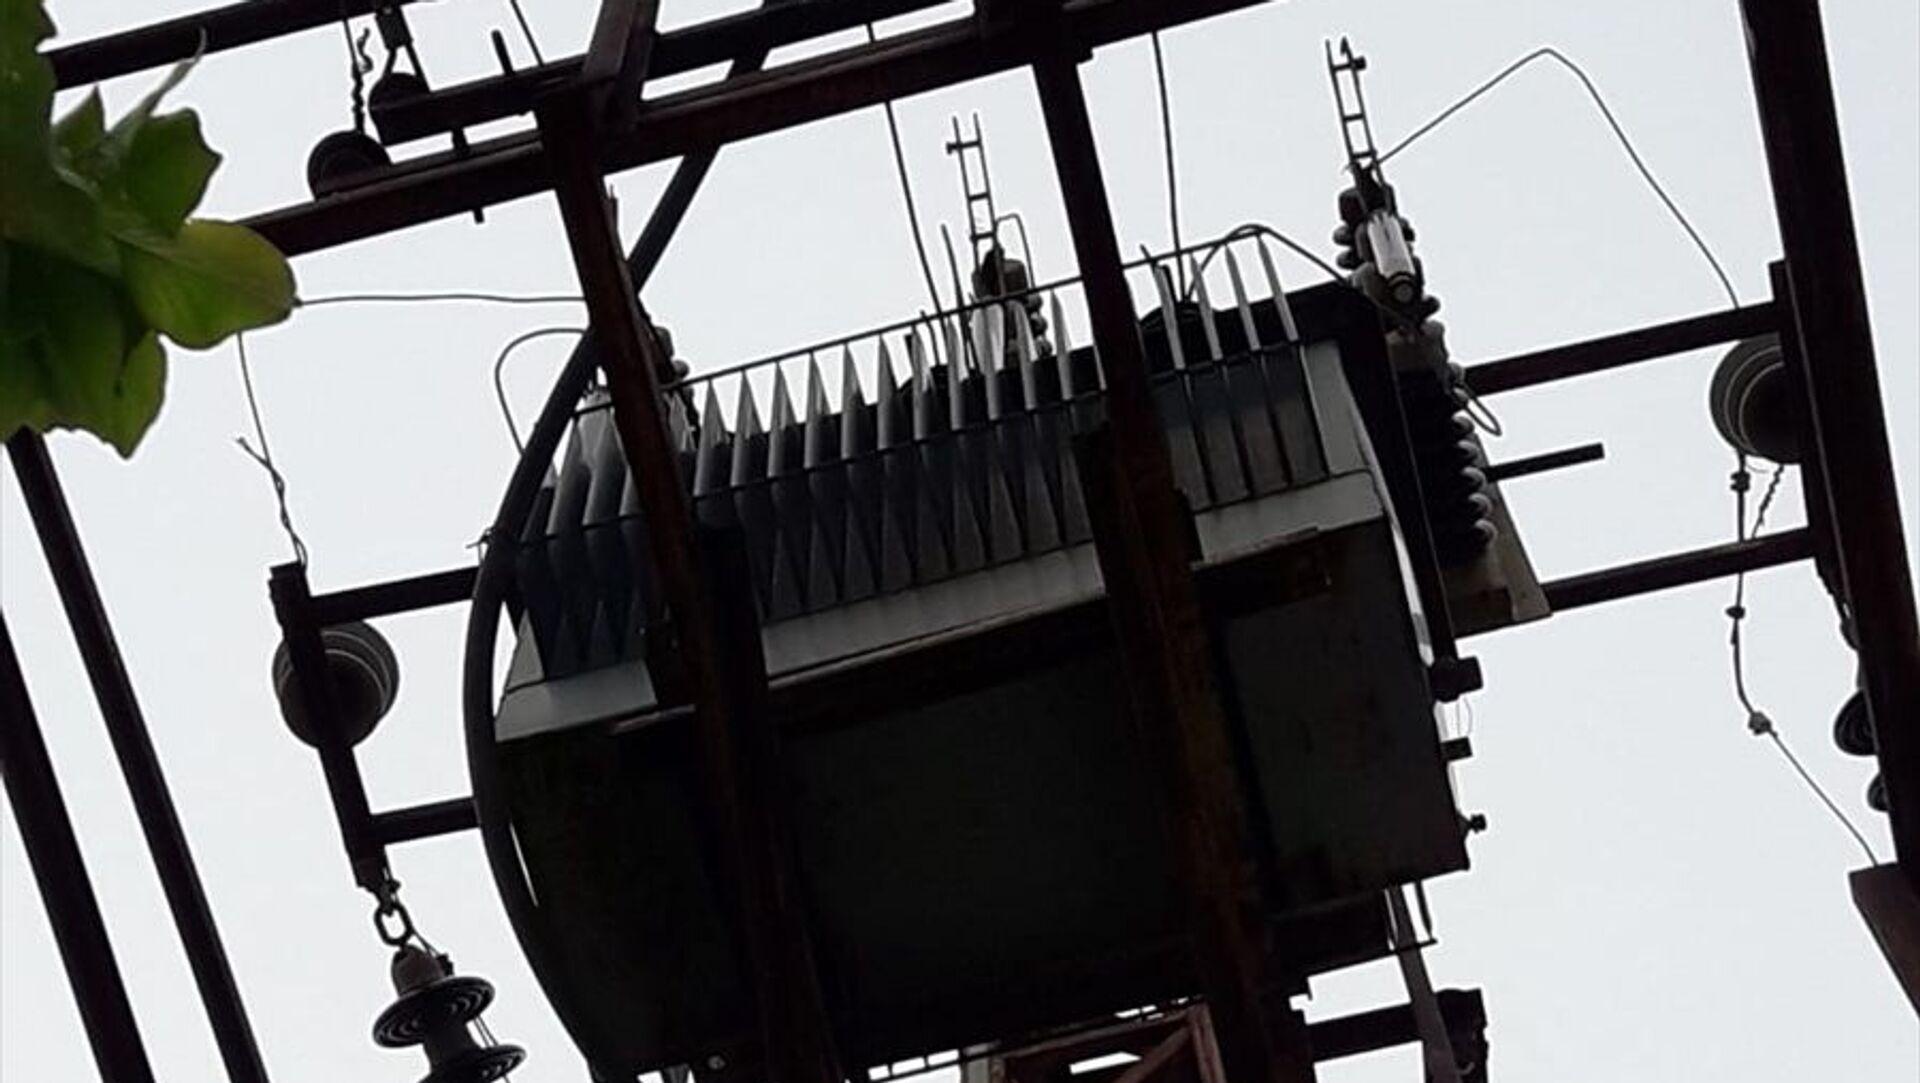 Antalya'nın Serik ilçesinde şebekeye su sağlayan pompaların kablolarının çalınması 10 saatlik kesintiye yol açtı. - Sputnik Türkiye, 1920, 18.04.2021